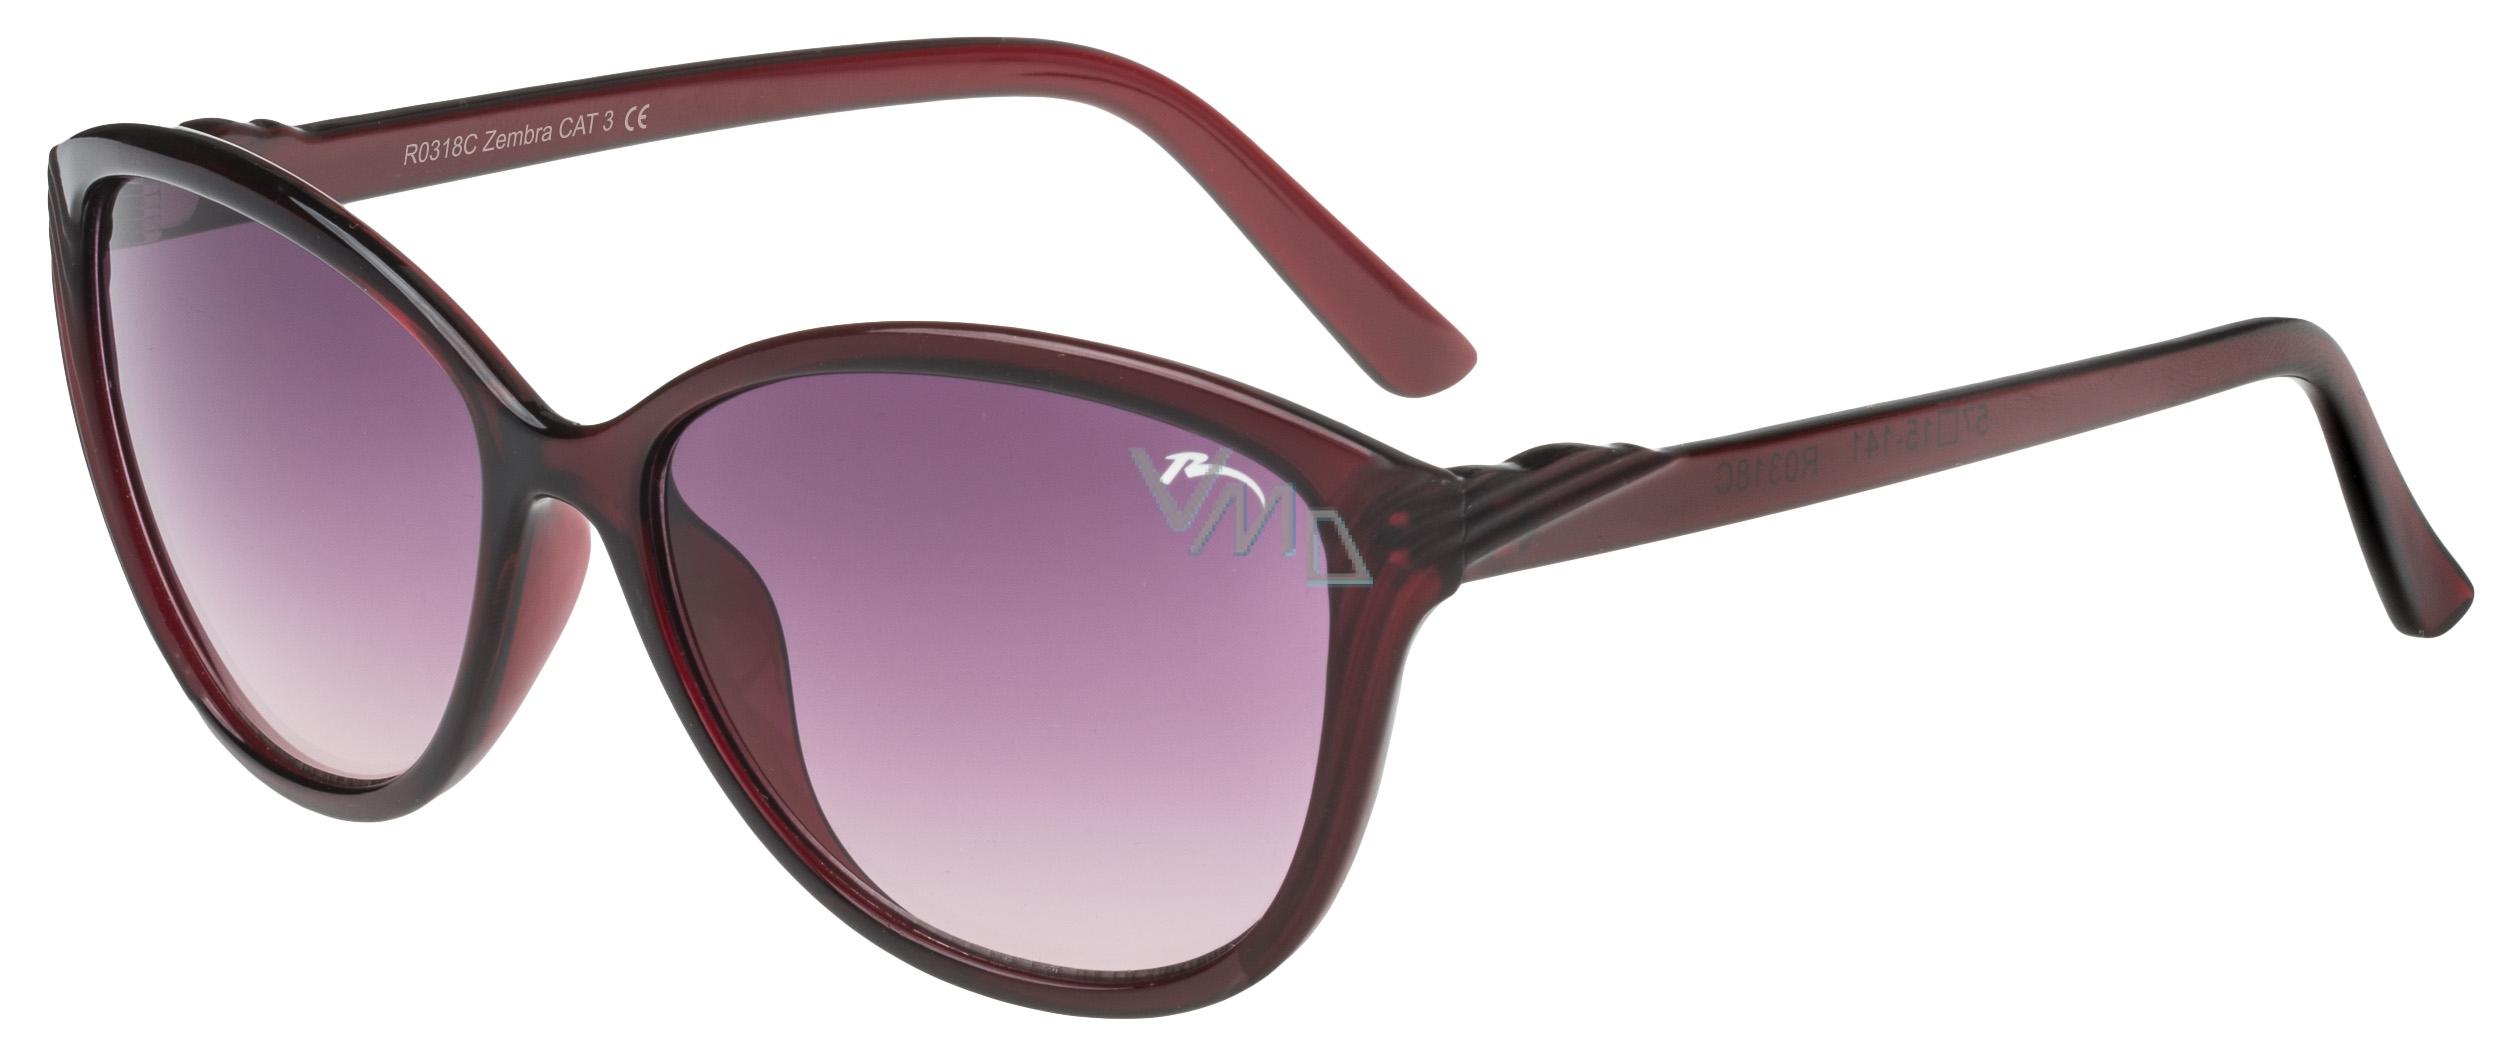 Relax Zembra Sluneční brýle R0318C - VMD drogerie 873dd35e594